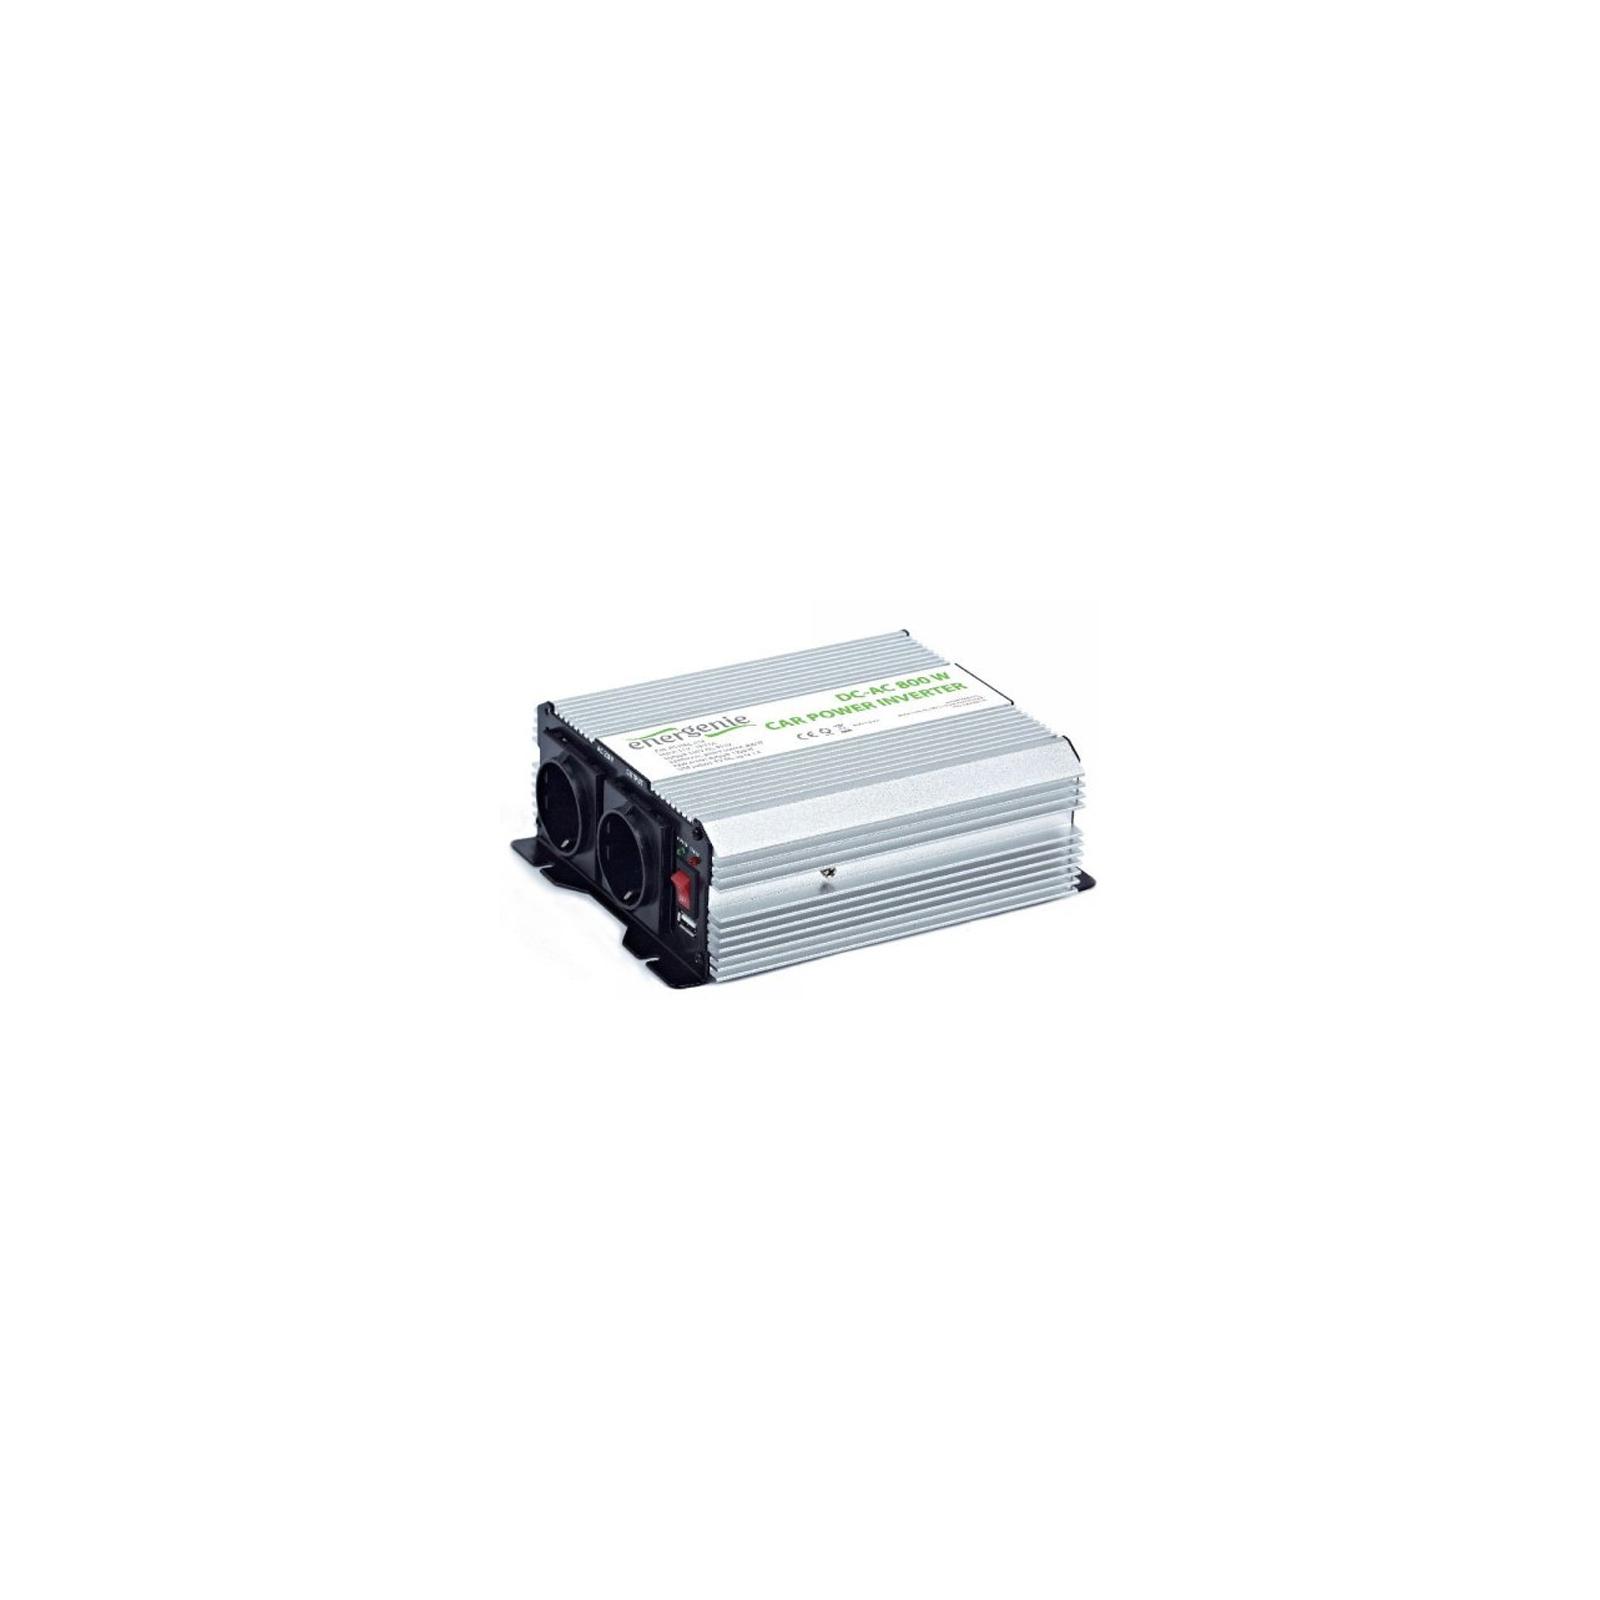 Автомобильный инвертор 12V/220V 800 Вт EnerGenie (EG-PWC-034) изображение 3